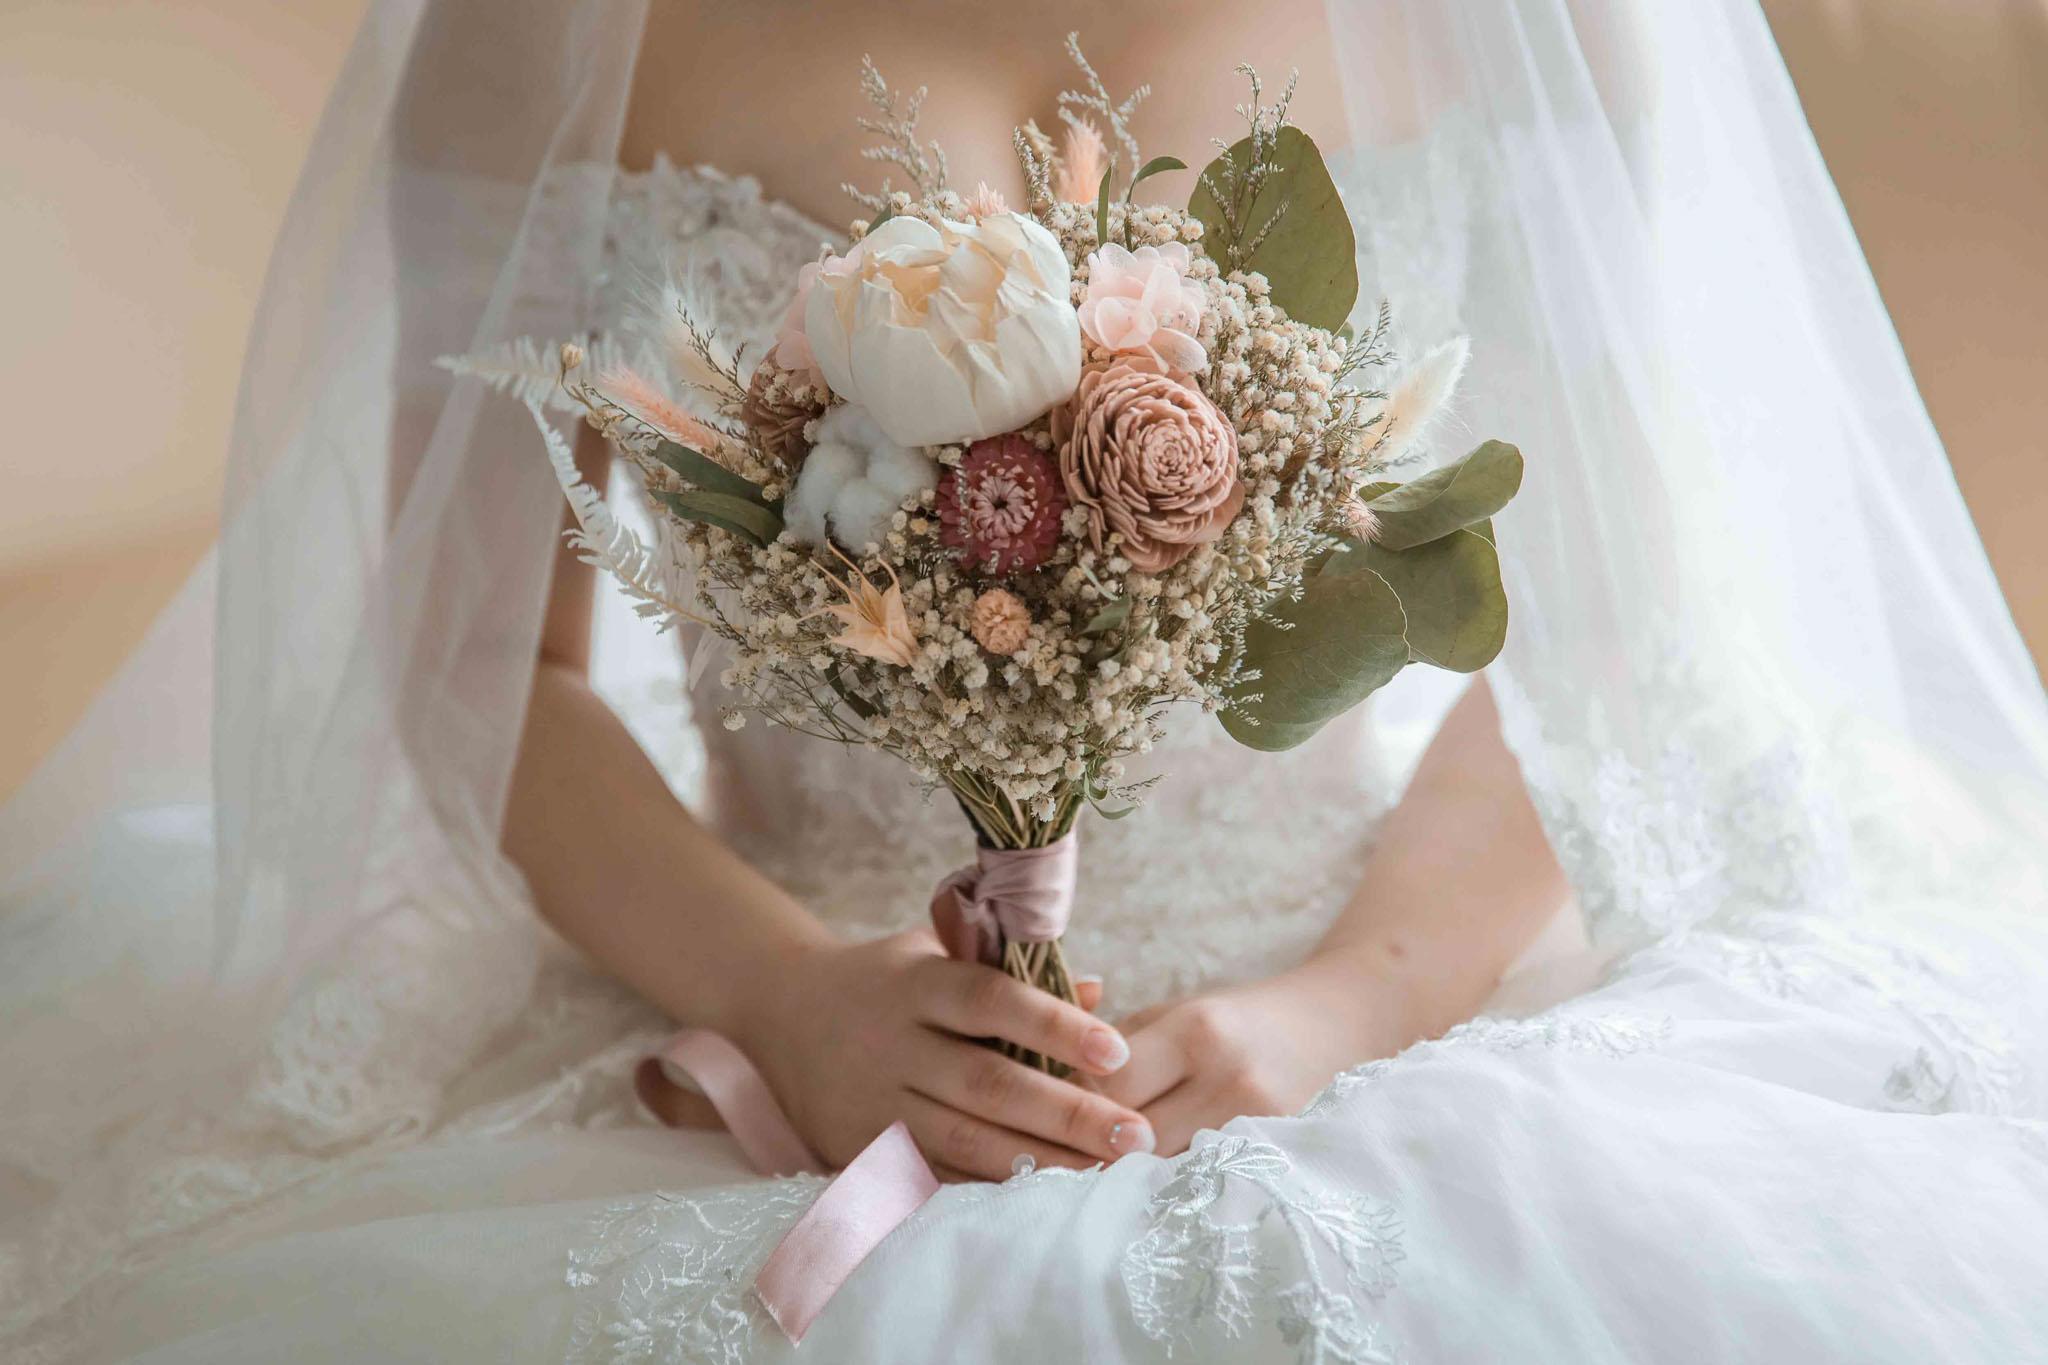 一起挑浪漫捧花吧 捧花意義與造型選擇 捧花怎麼挑 看這篇就對啦